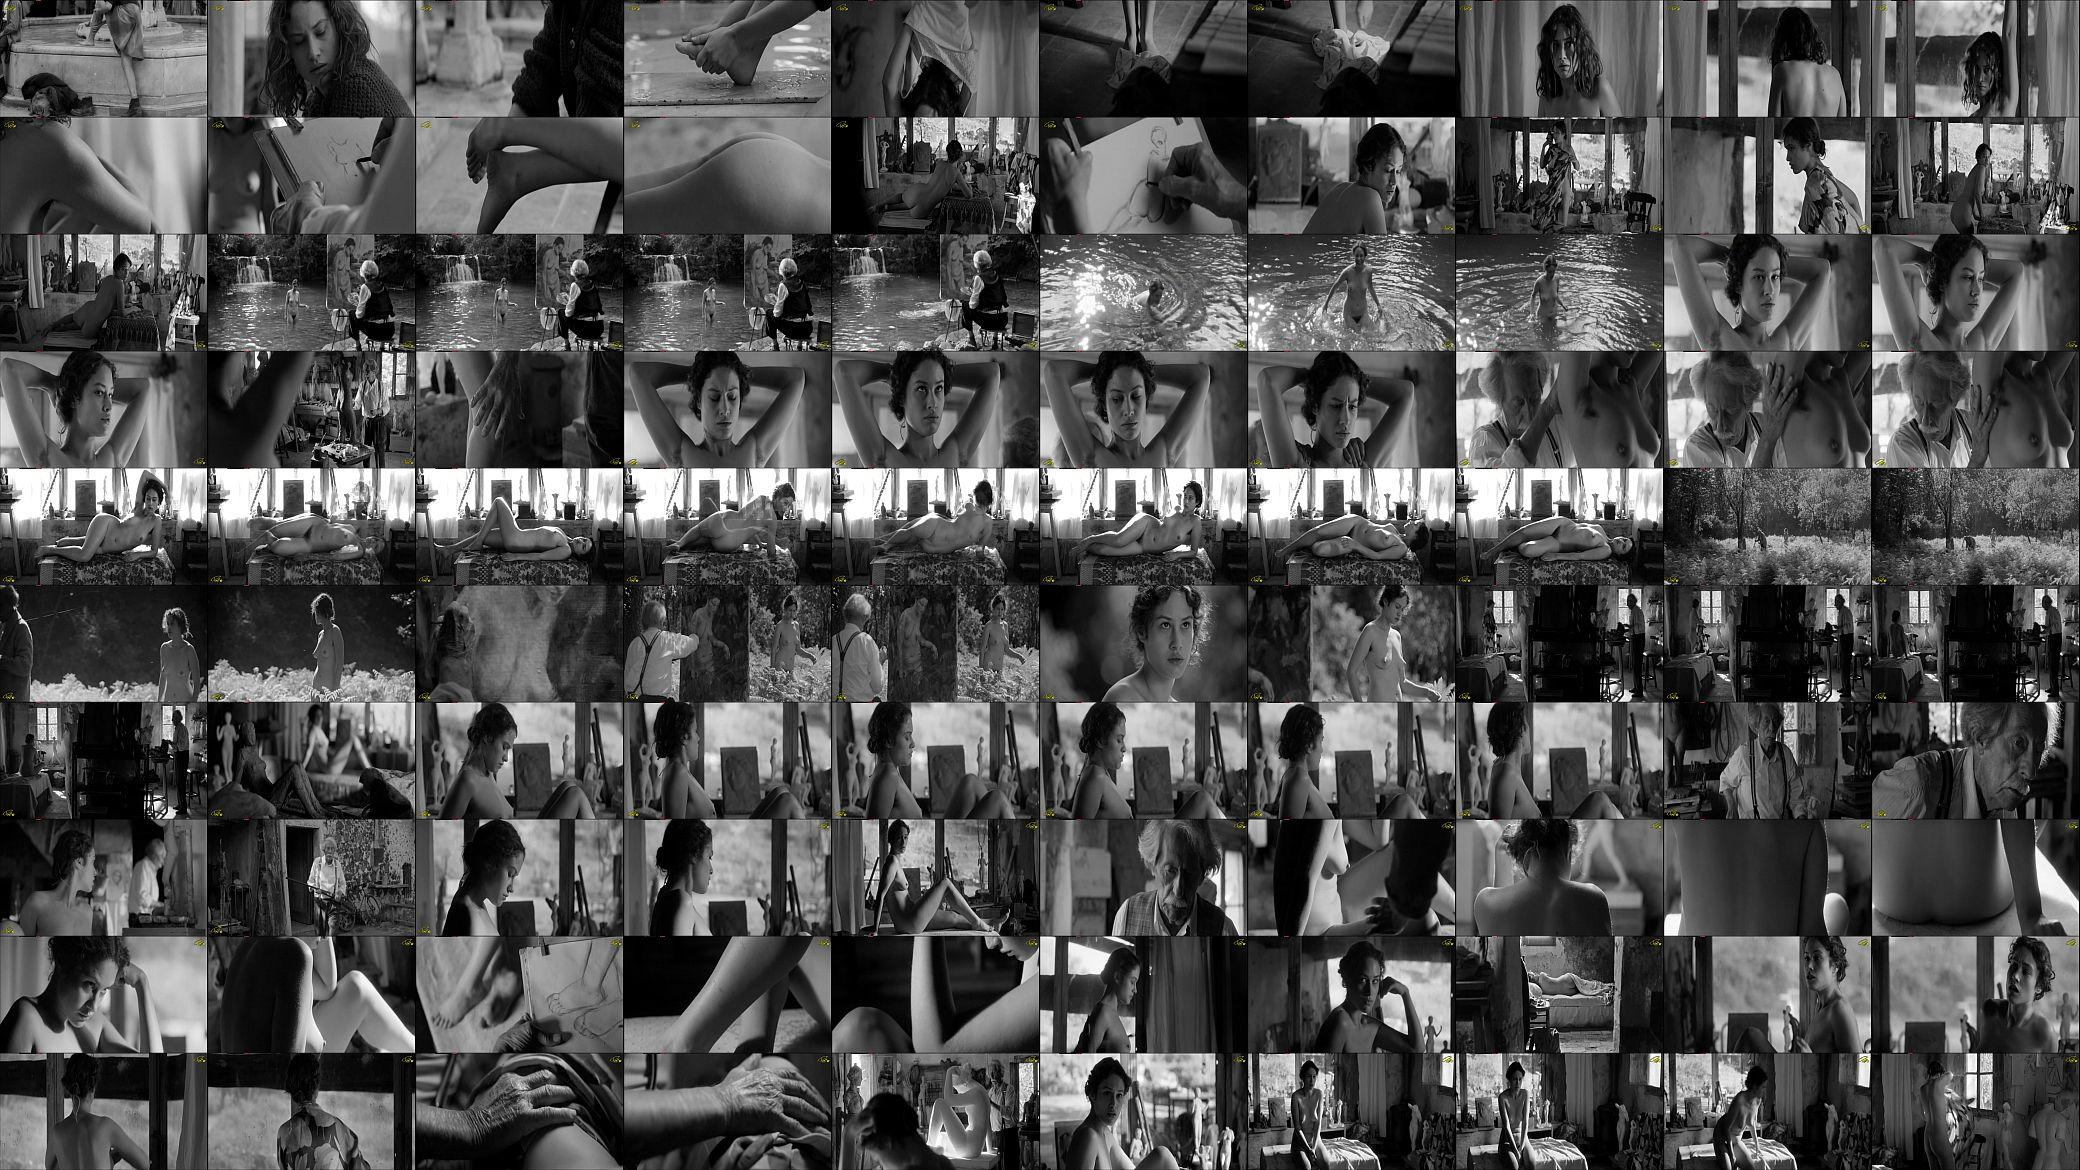 Aida Folch Tetas aida folch - el artista y la modelo (2012) - xvideos